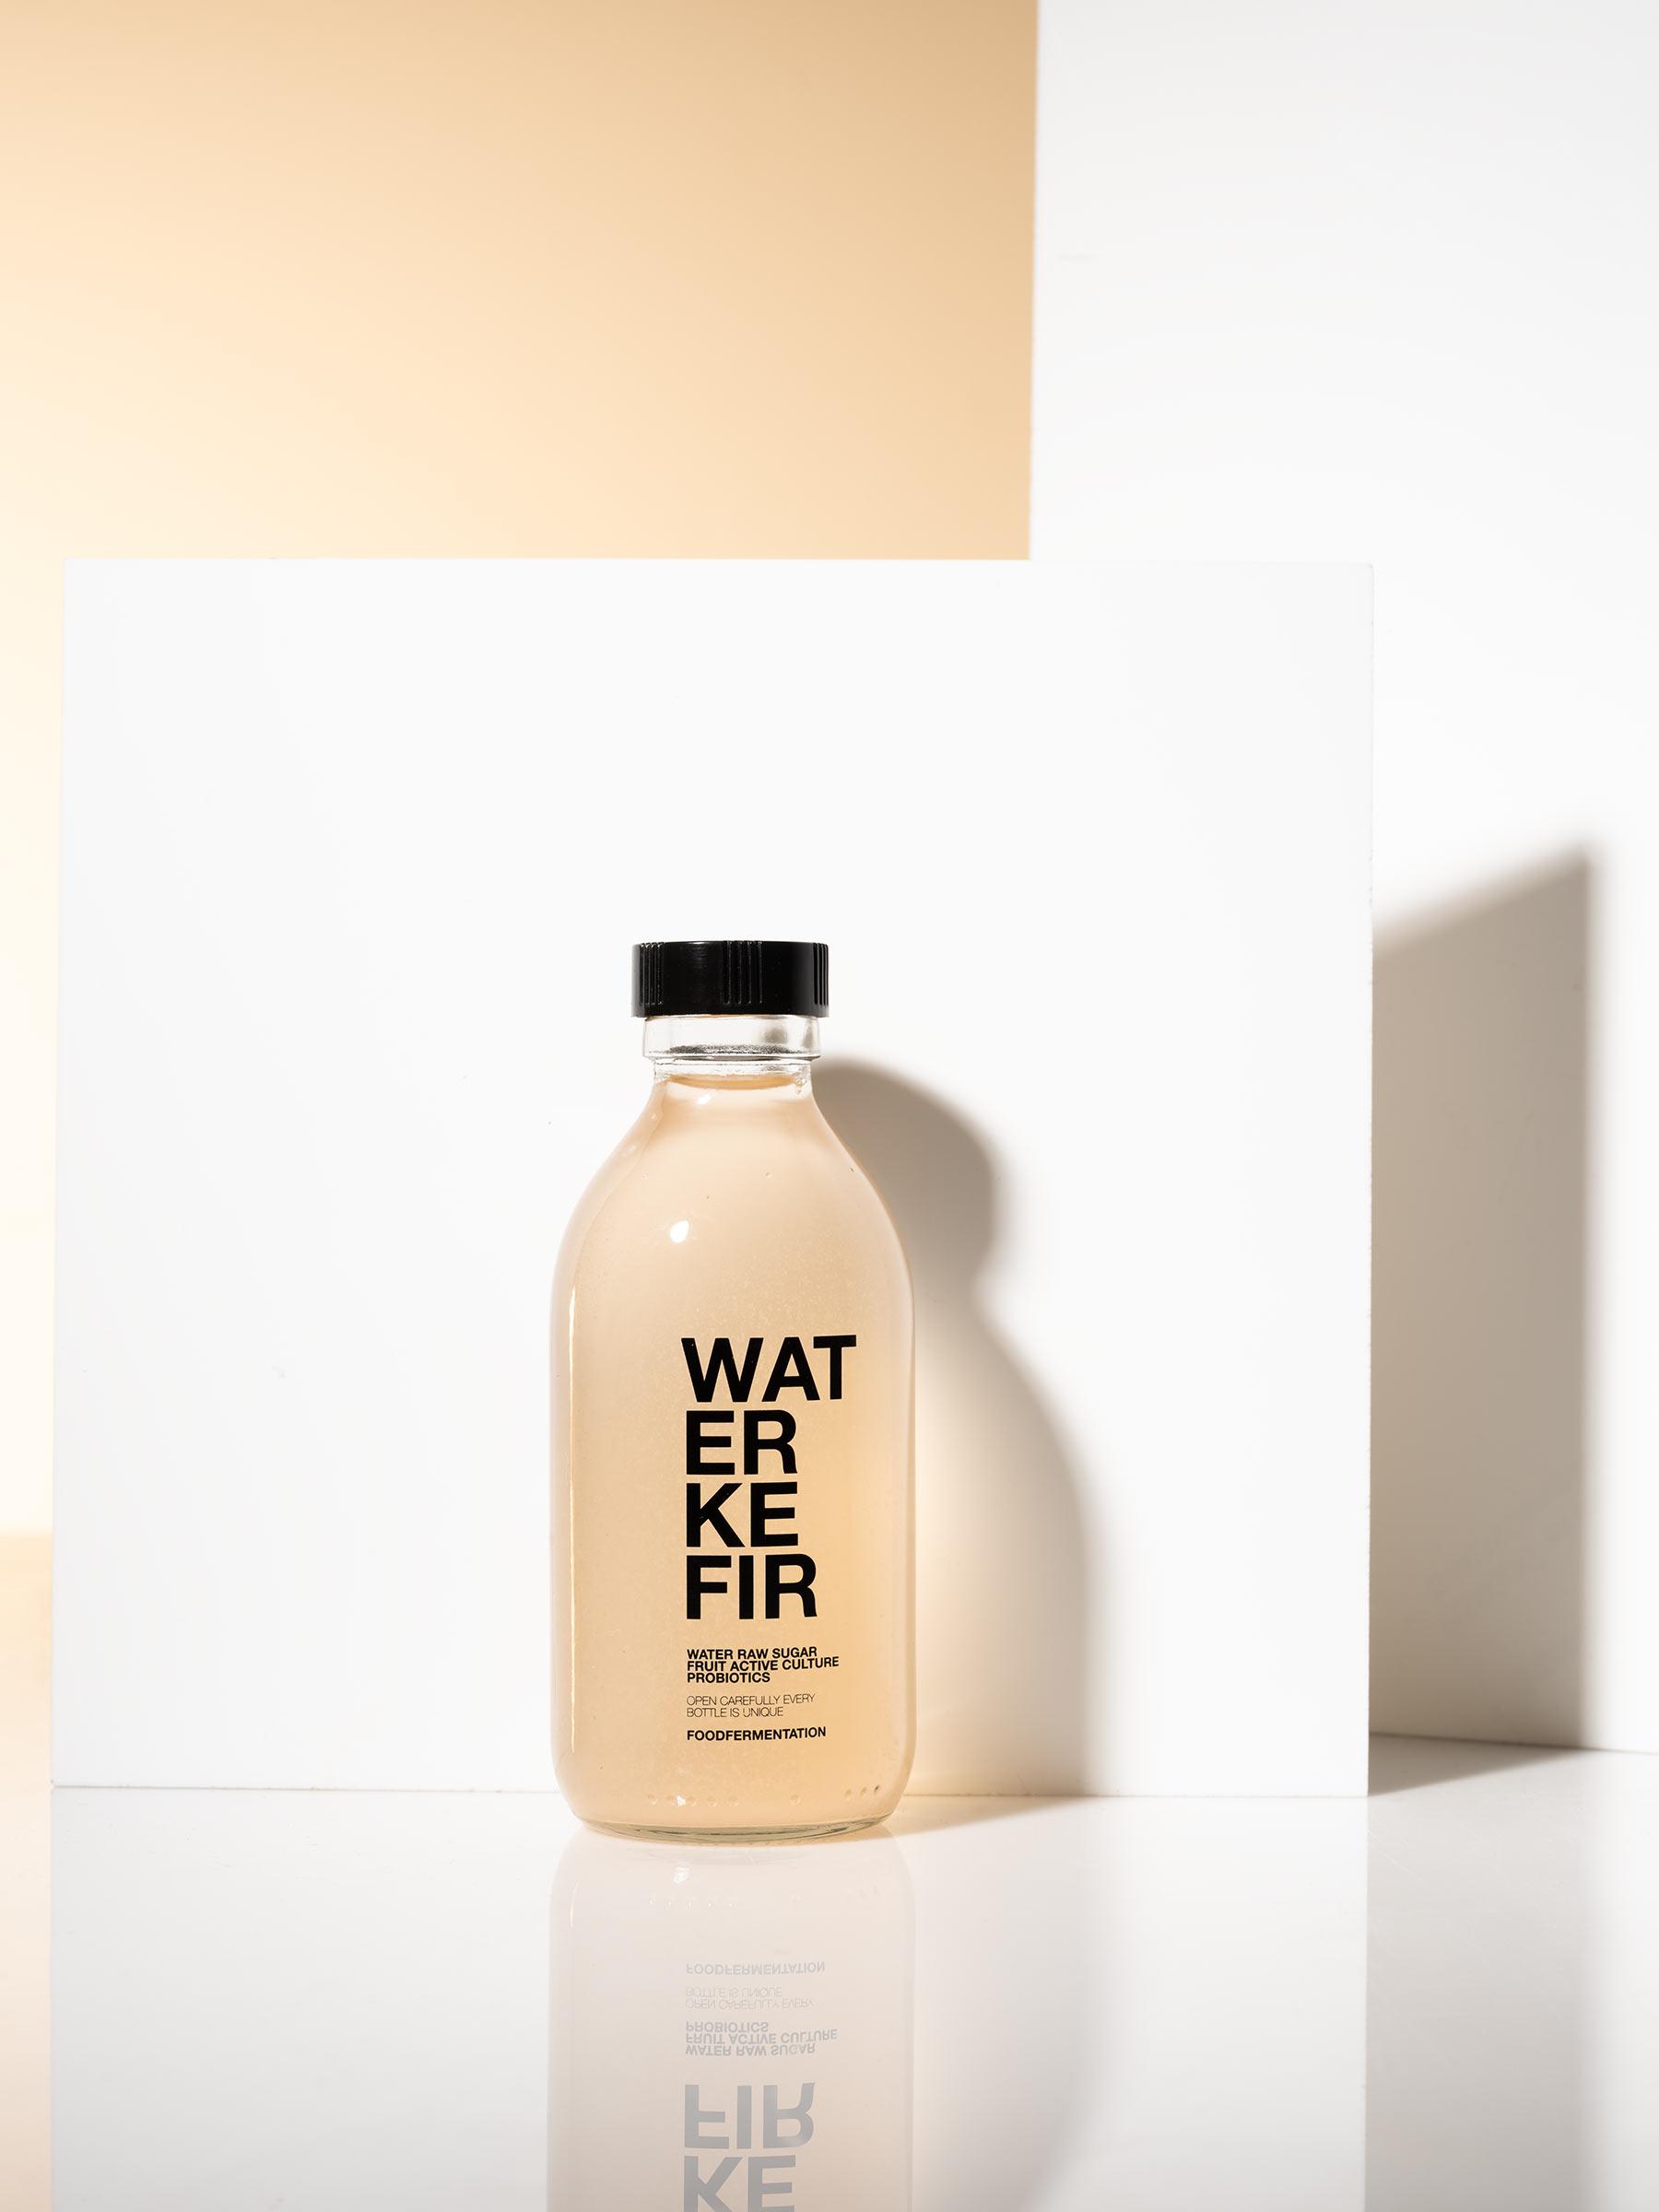 Water kefir flaska fotograferad i studio med skuggspel